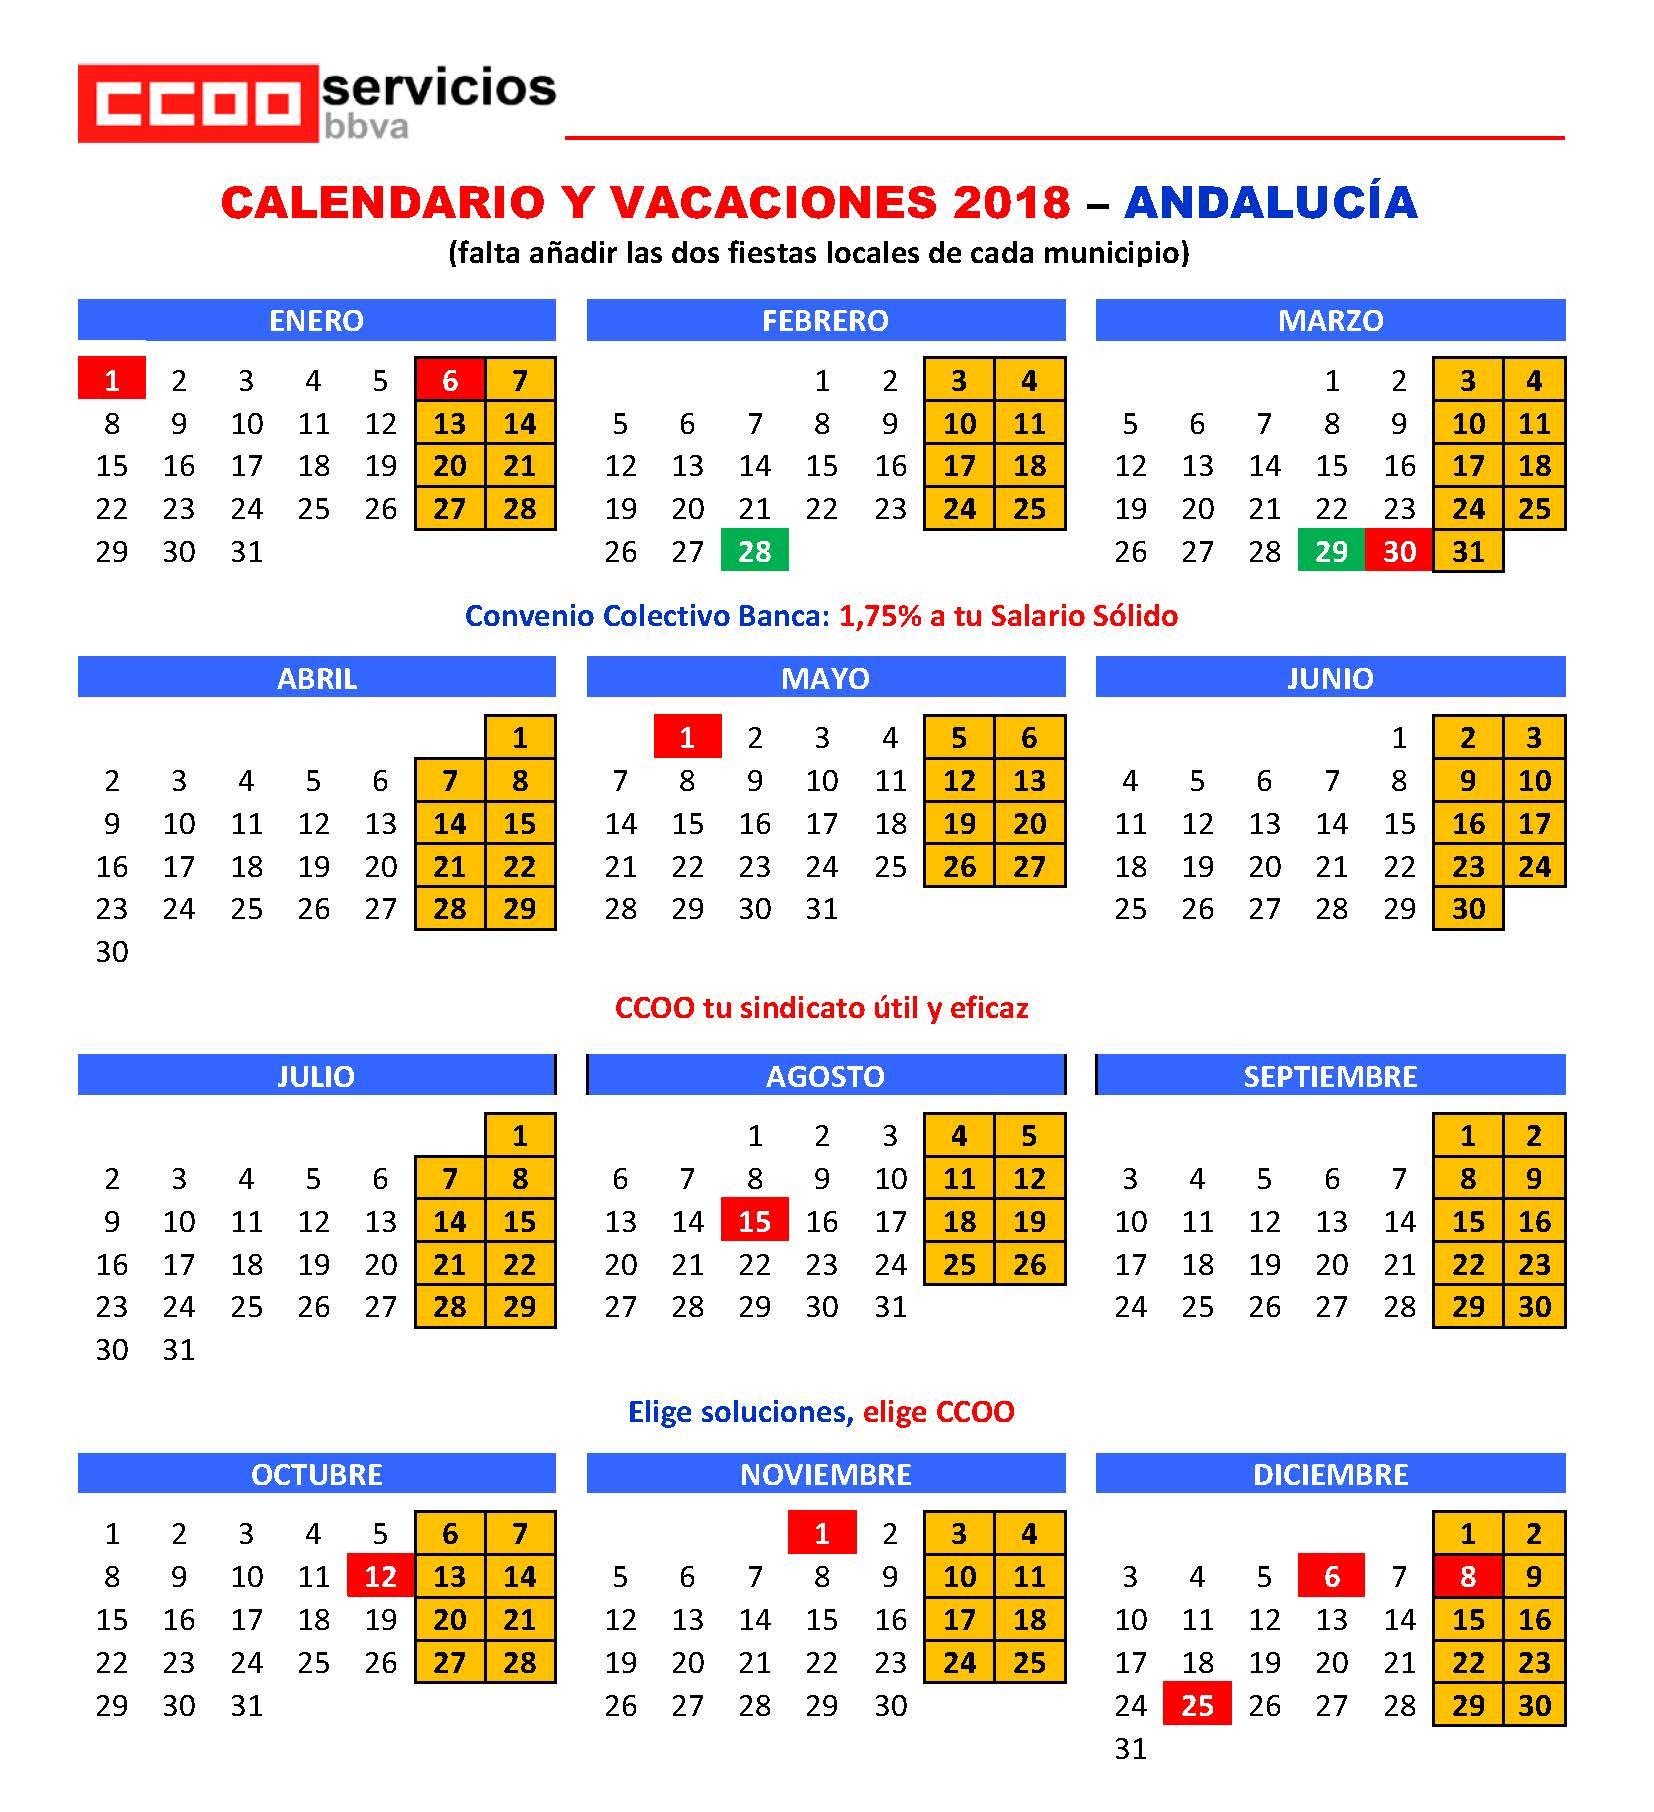 Calendario Laboral De Cataluna.Calendario Laboral 2018